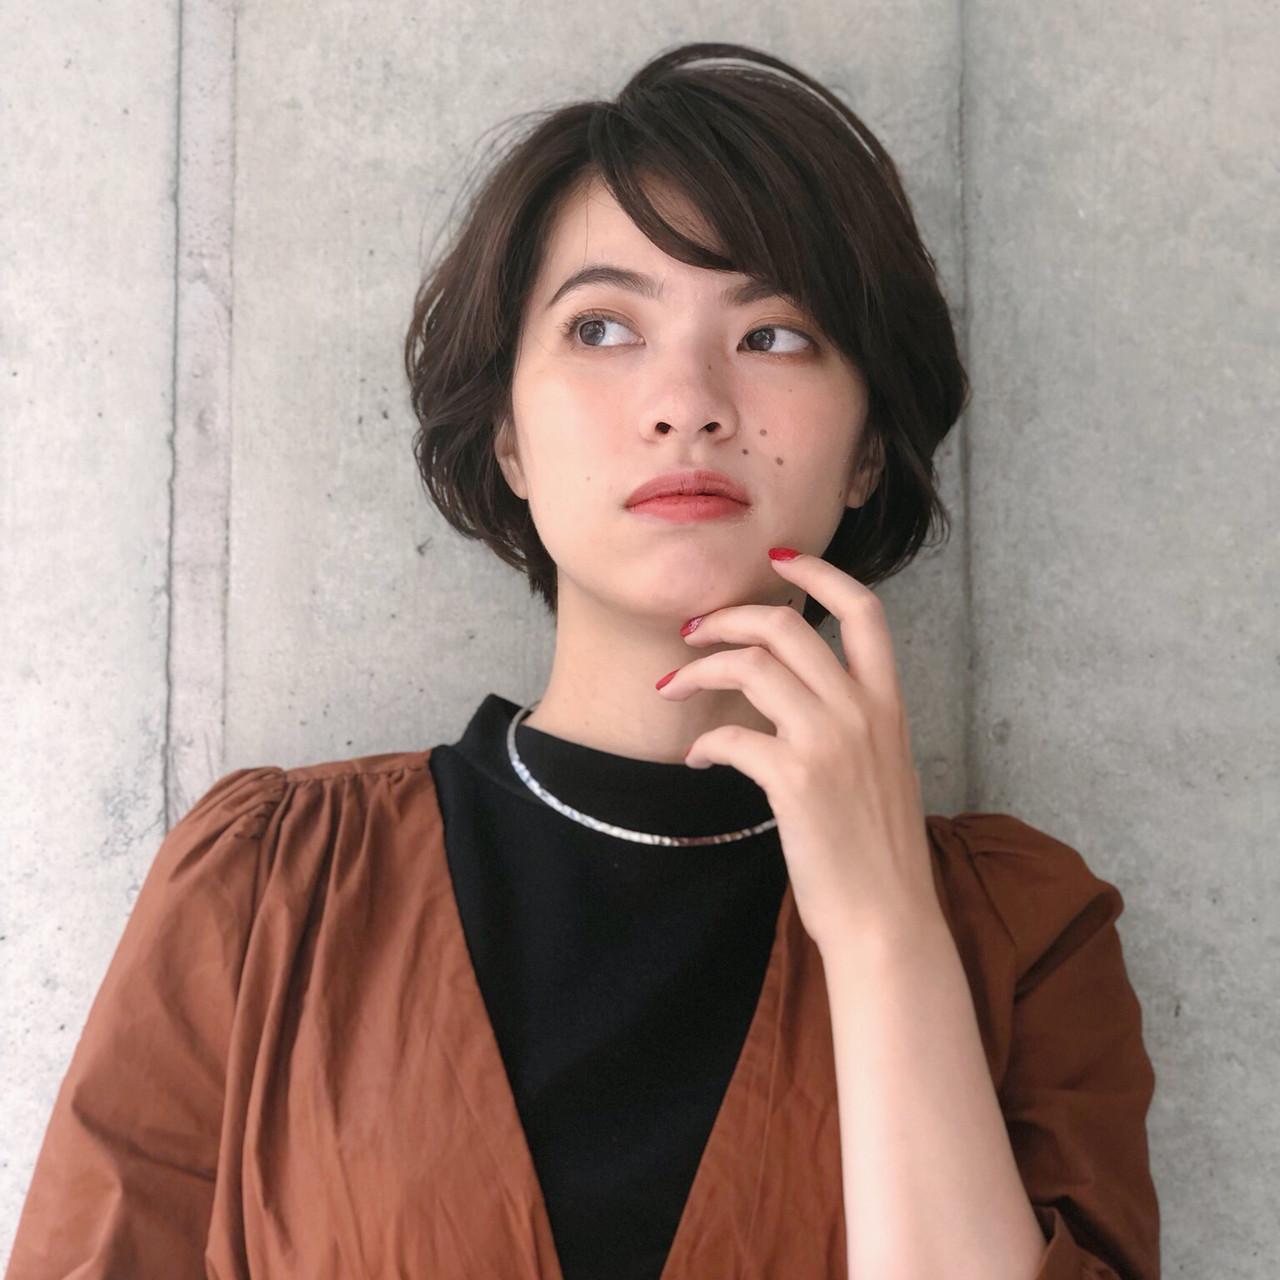 オフィス ショート グラデーションカラー ゆるふわパーマ ヘアスタイルや髪型の写真・画像